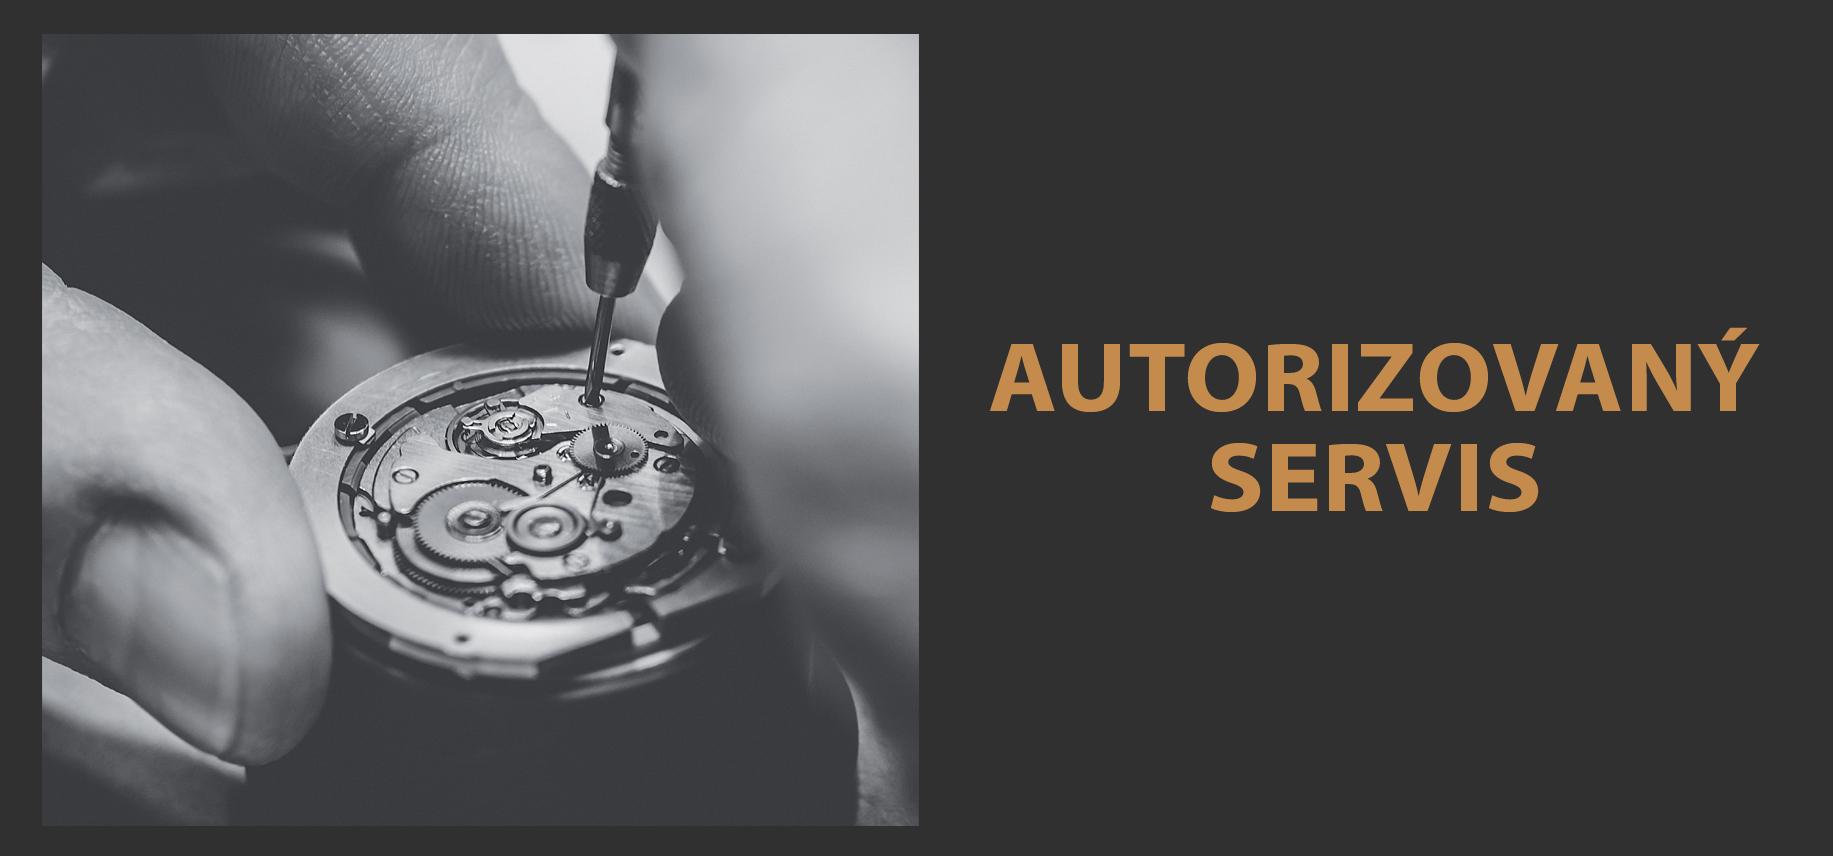 Autorizovaný servis